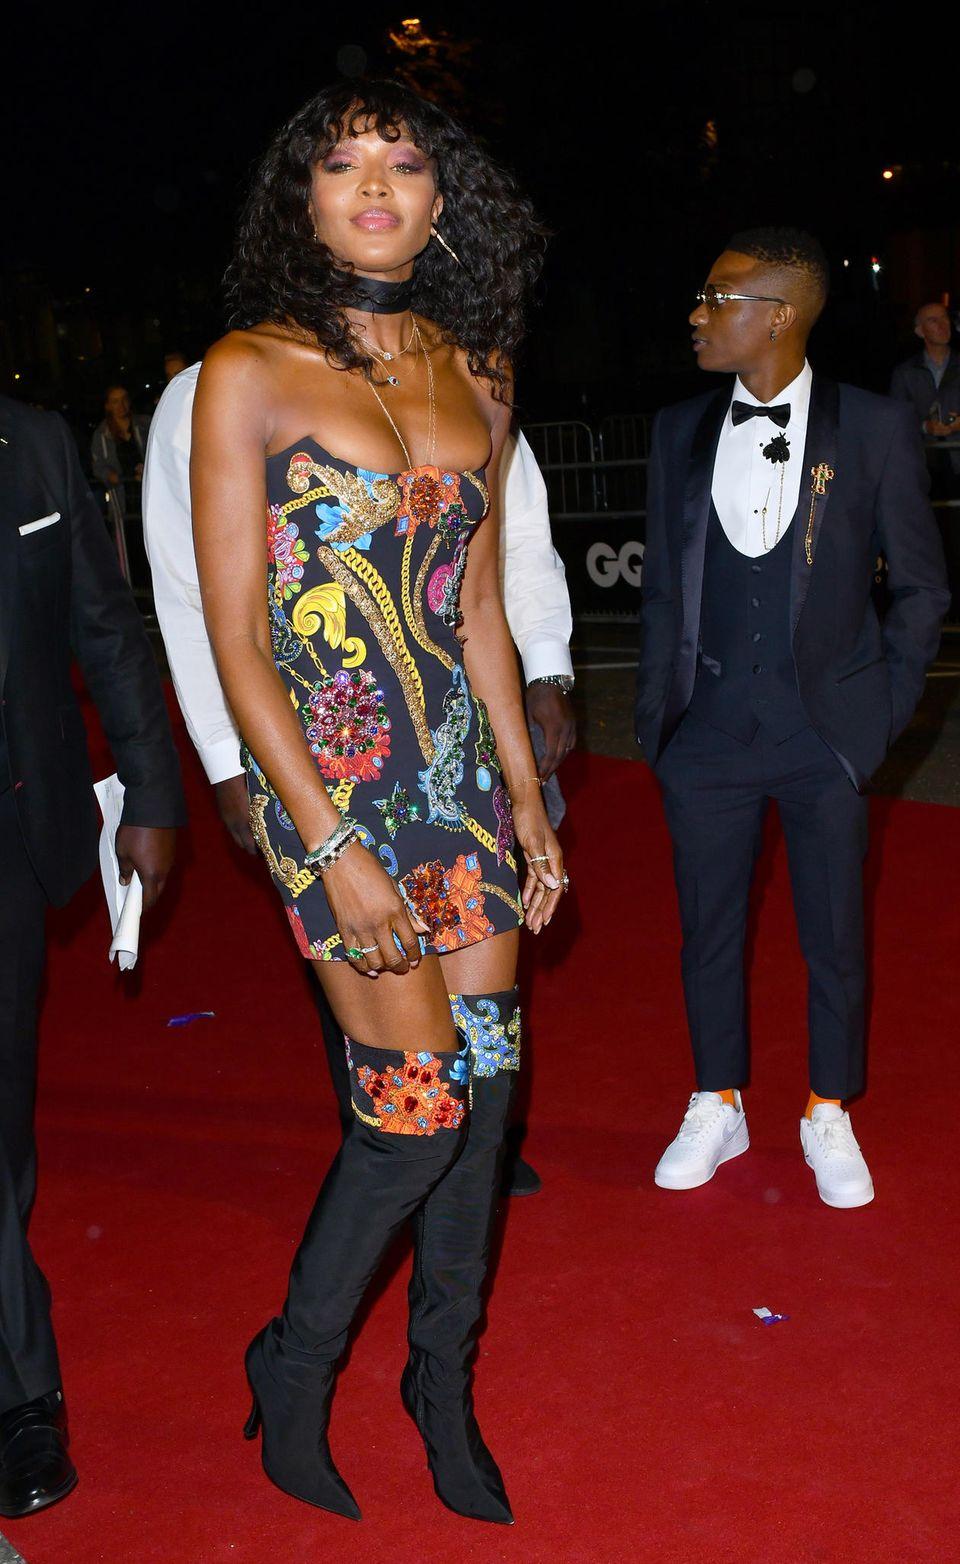 Wir können unseren Blick kaum abwenden: Was ist denn im Dekolleté von Naomi Campbell passiert? Das Mini-Kleid scheint dem Modelbei ihrem Auftritt auf dem roten Teppich der GQ-Awards buchstäblich alles abzudrücken. Ob es das Kleid nicht auch in einer Nummer größer gab, liebe Naomi?